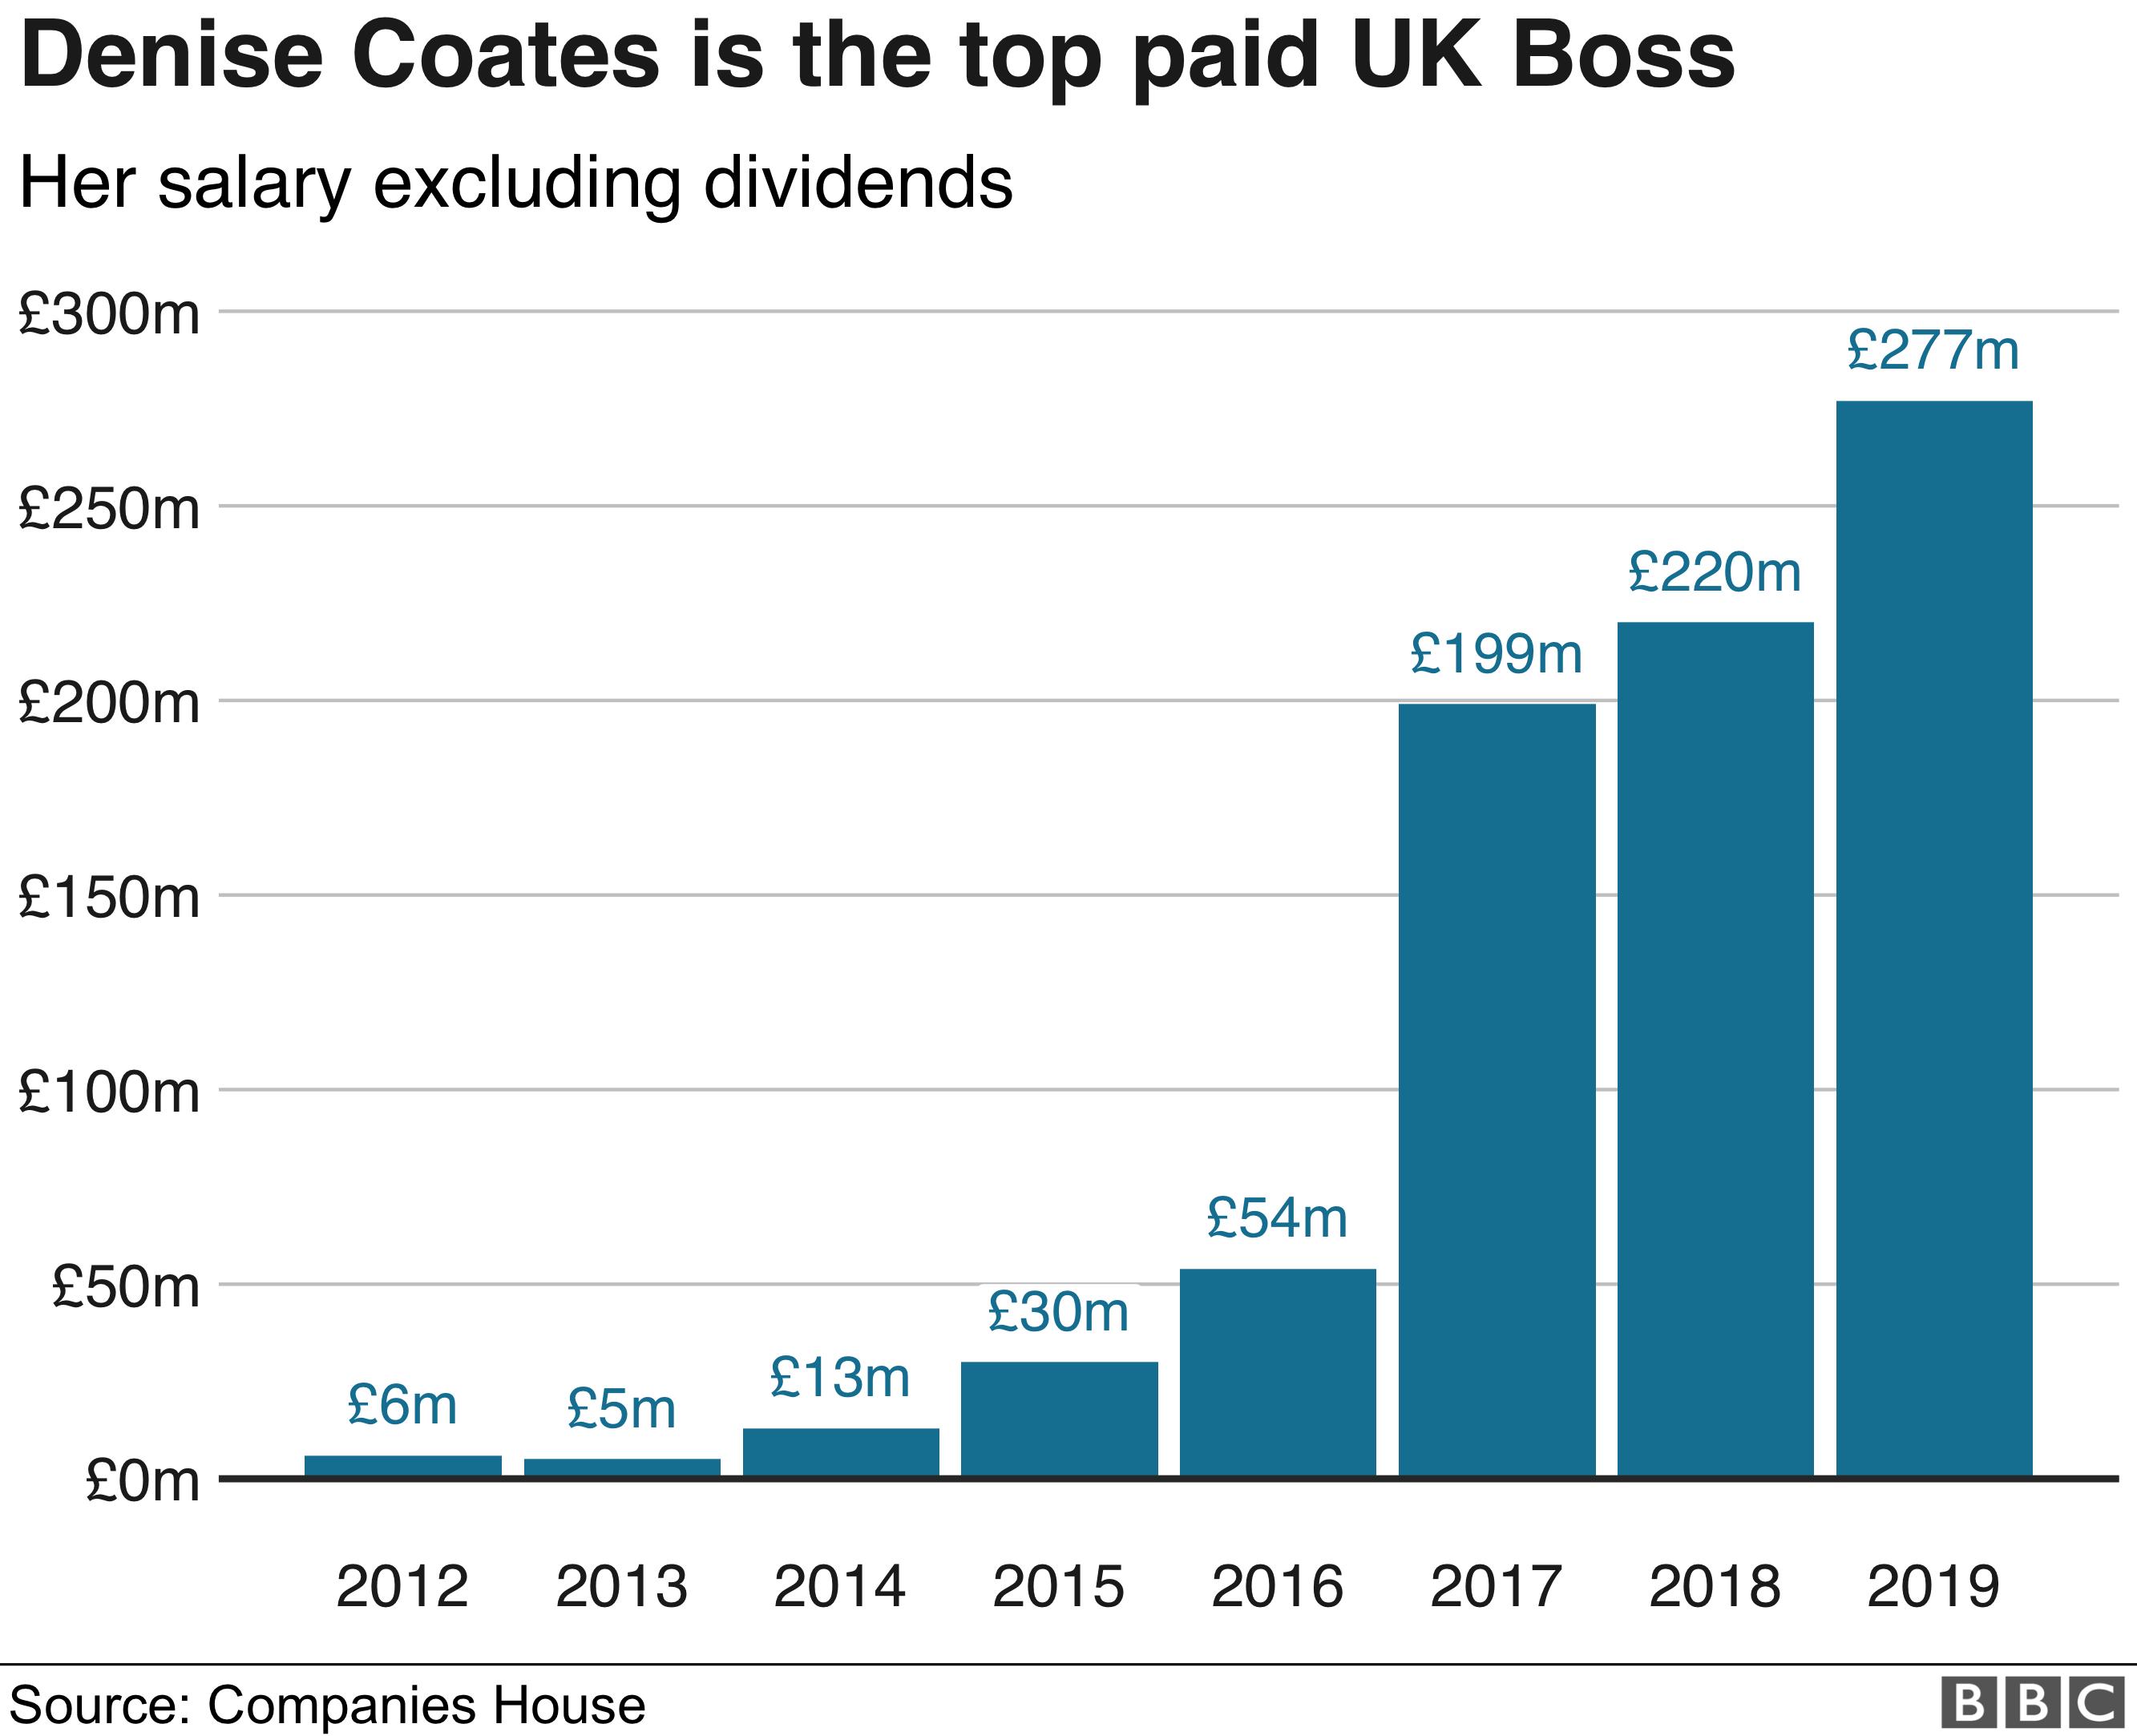 Denise Coates pay